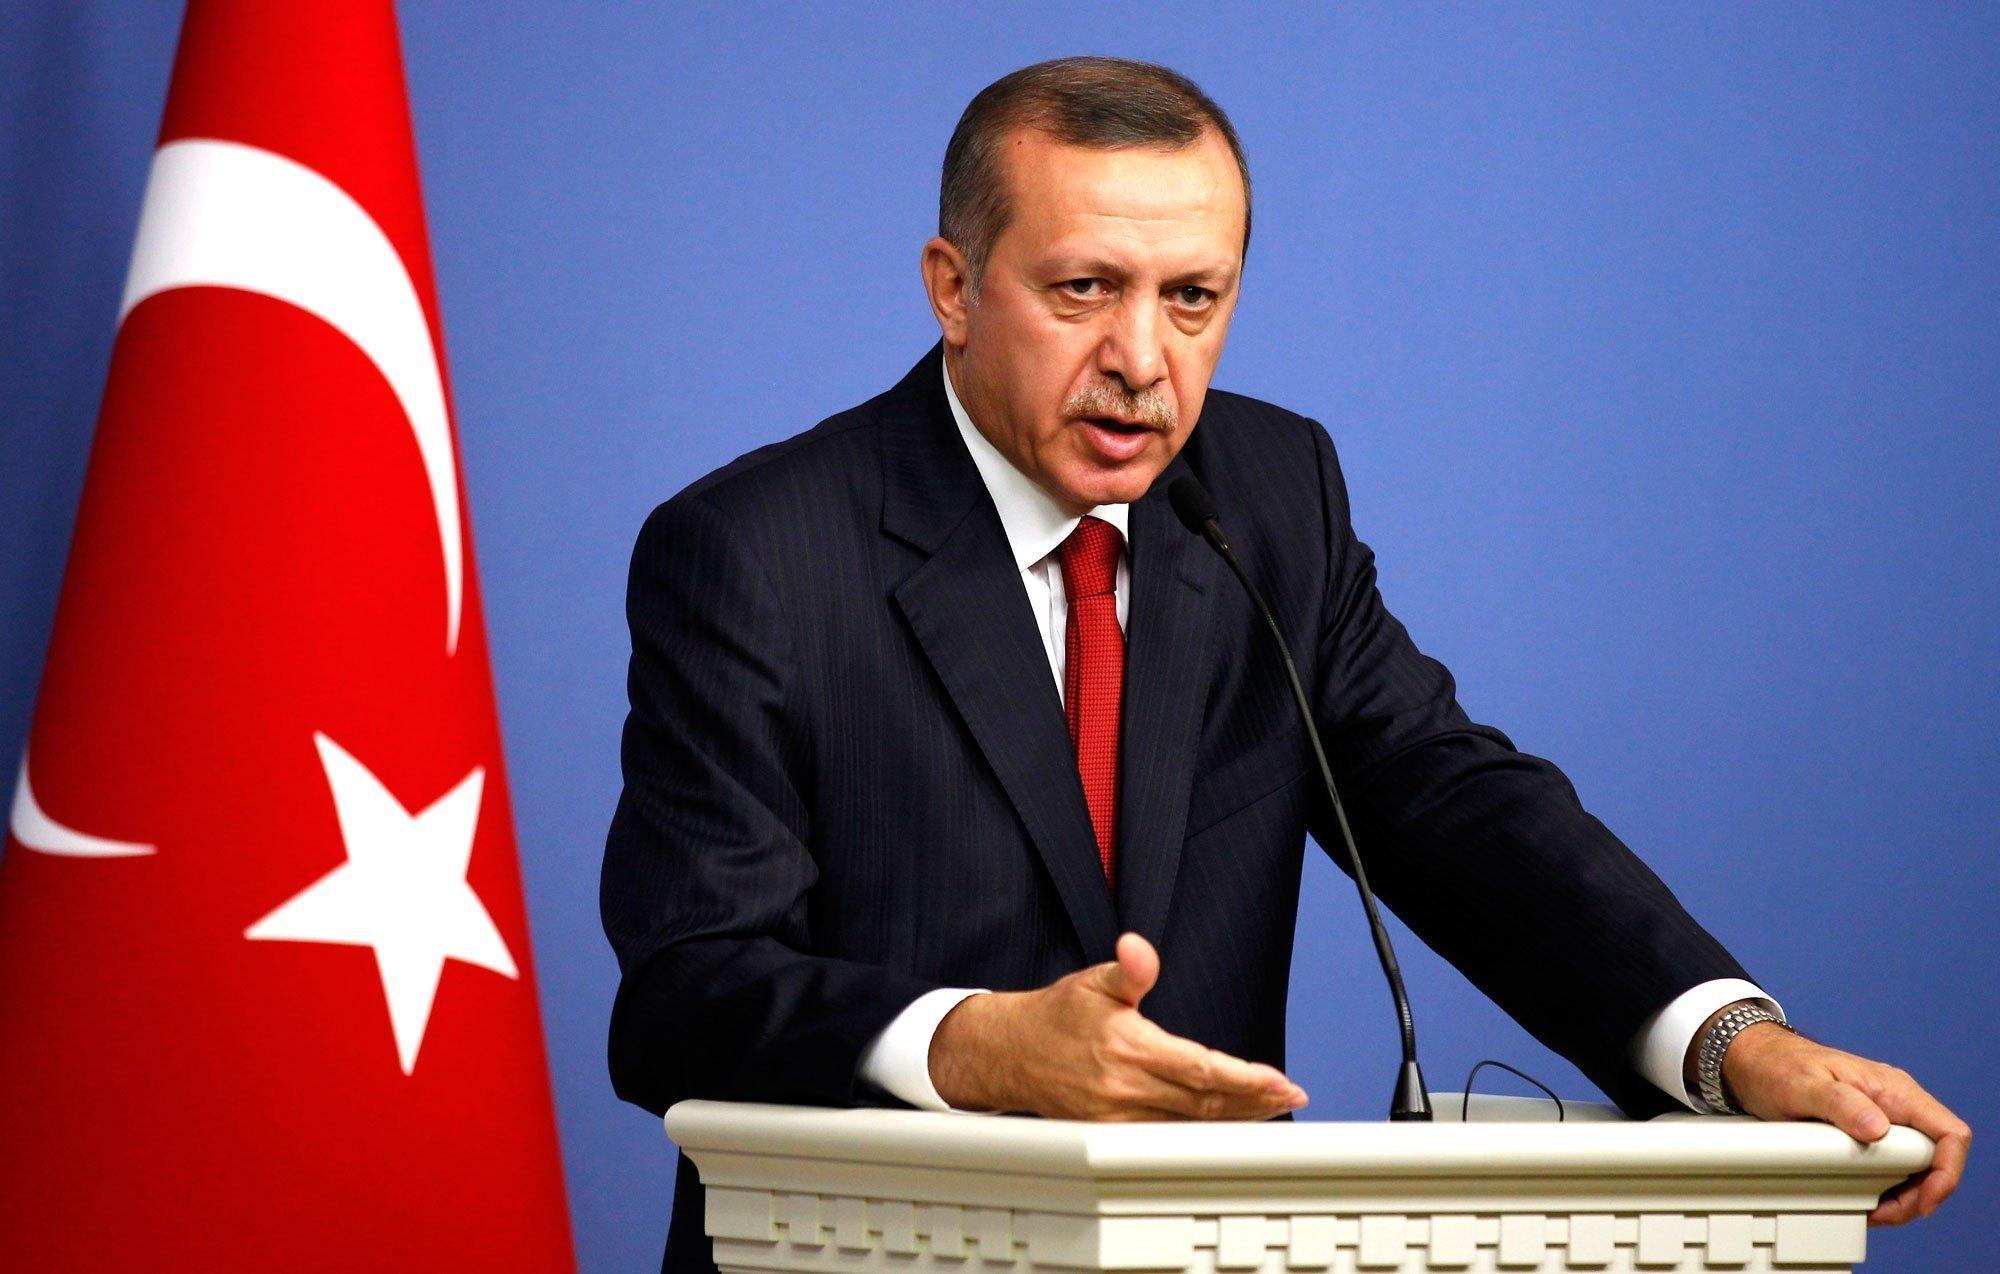 Έξαλλος ο Ερντογάν: Κατέθεσε μήνυση κατά του Γκερτ Βίλντερς – Το σκίτσο που τον εξόργισε